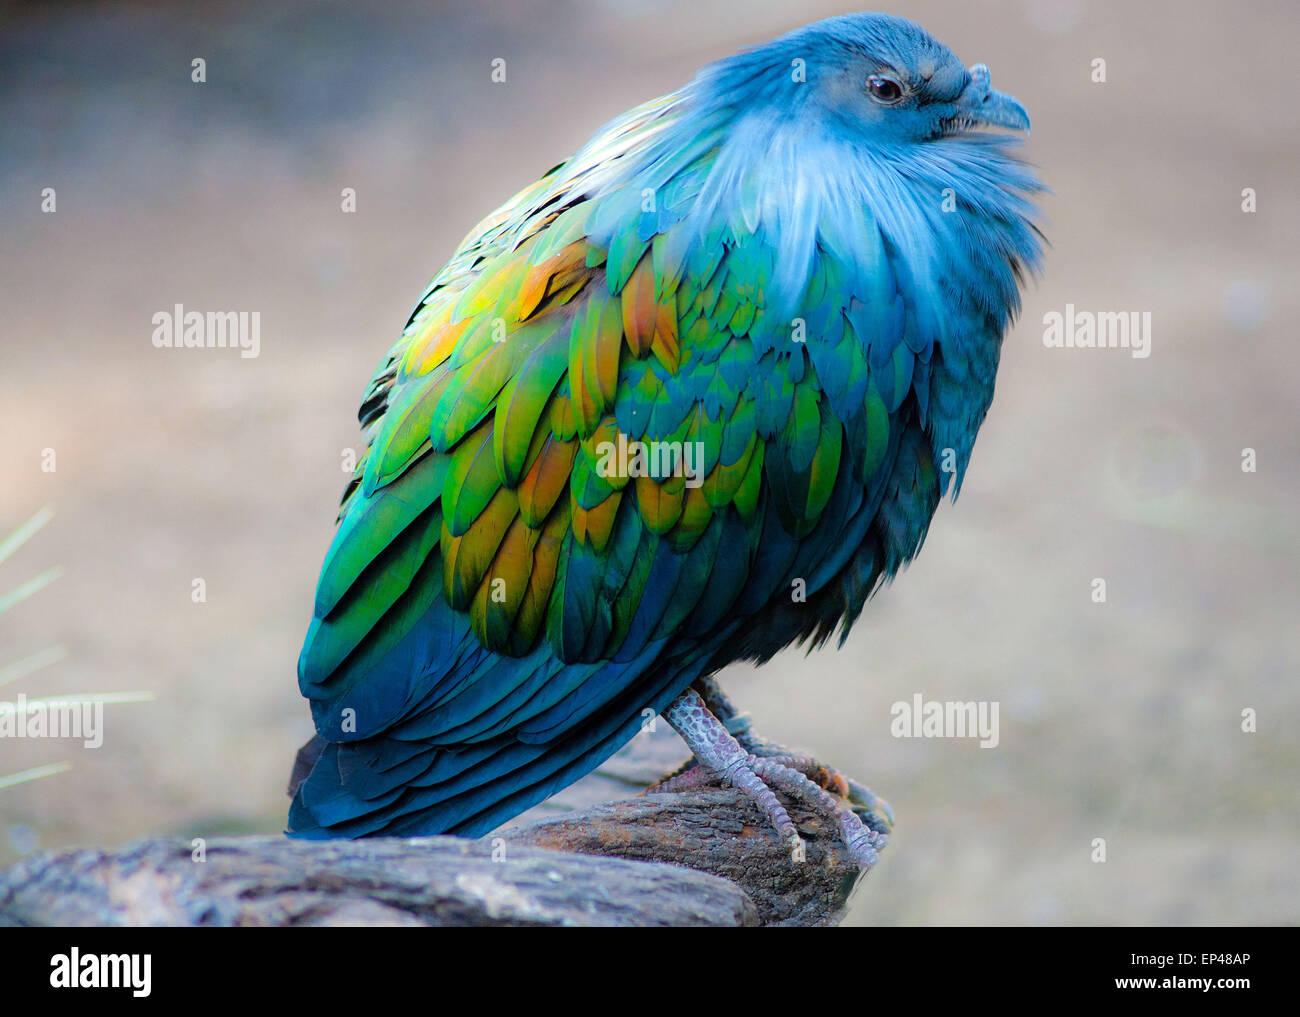 Nicobare Pigeon arroccata su una roccia, Sud Africa Foto Stock